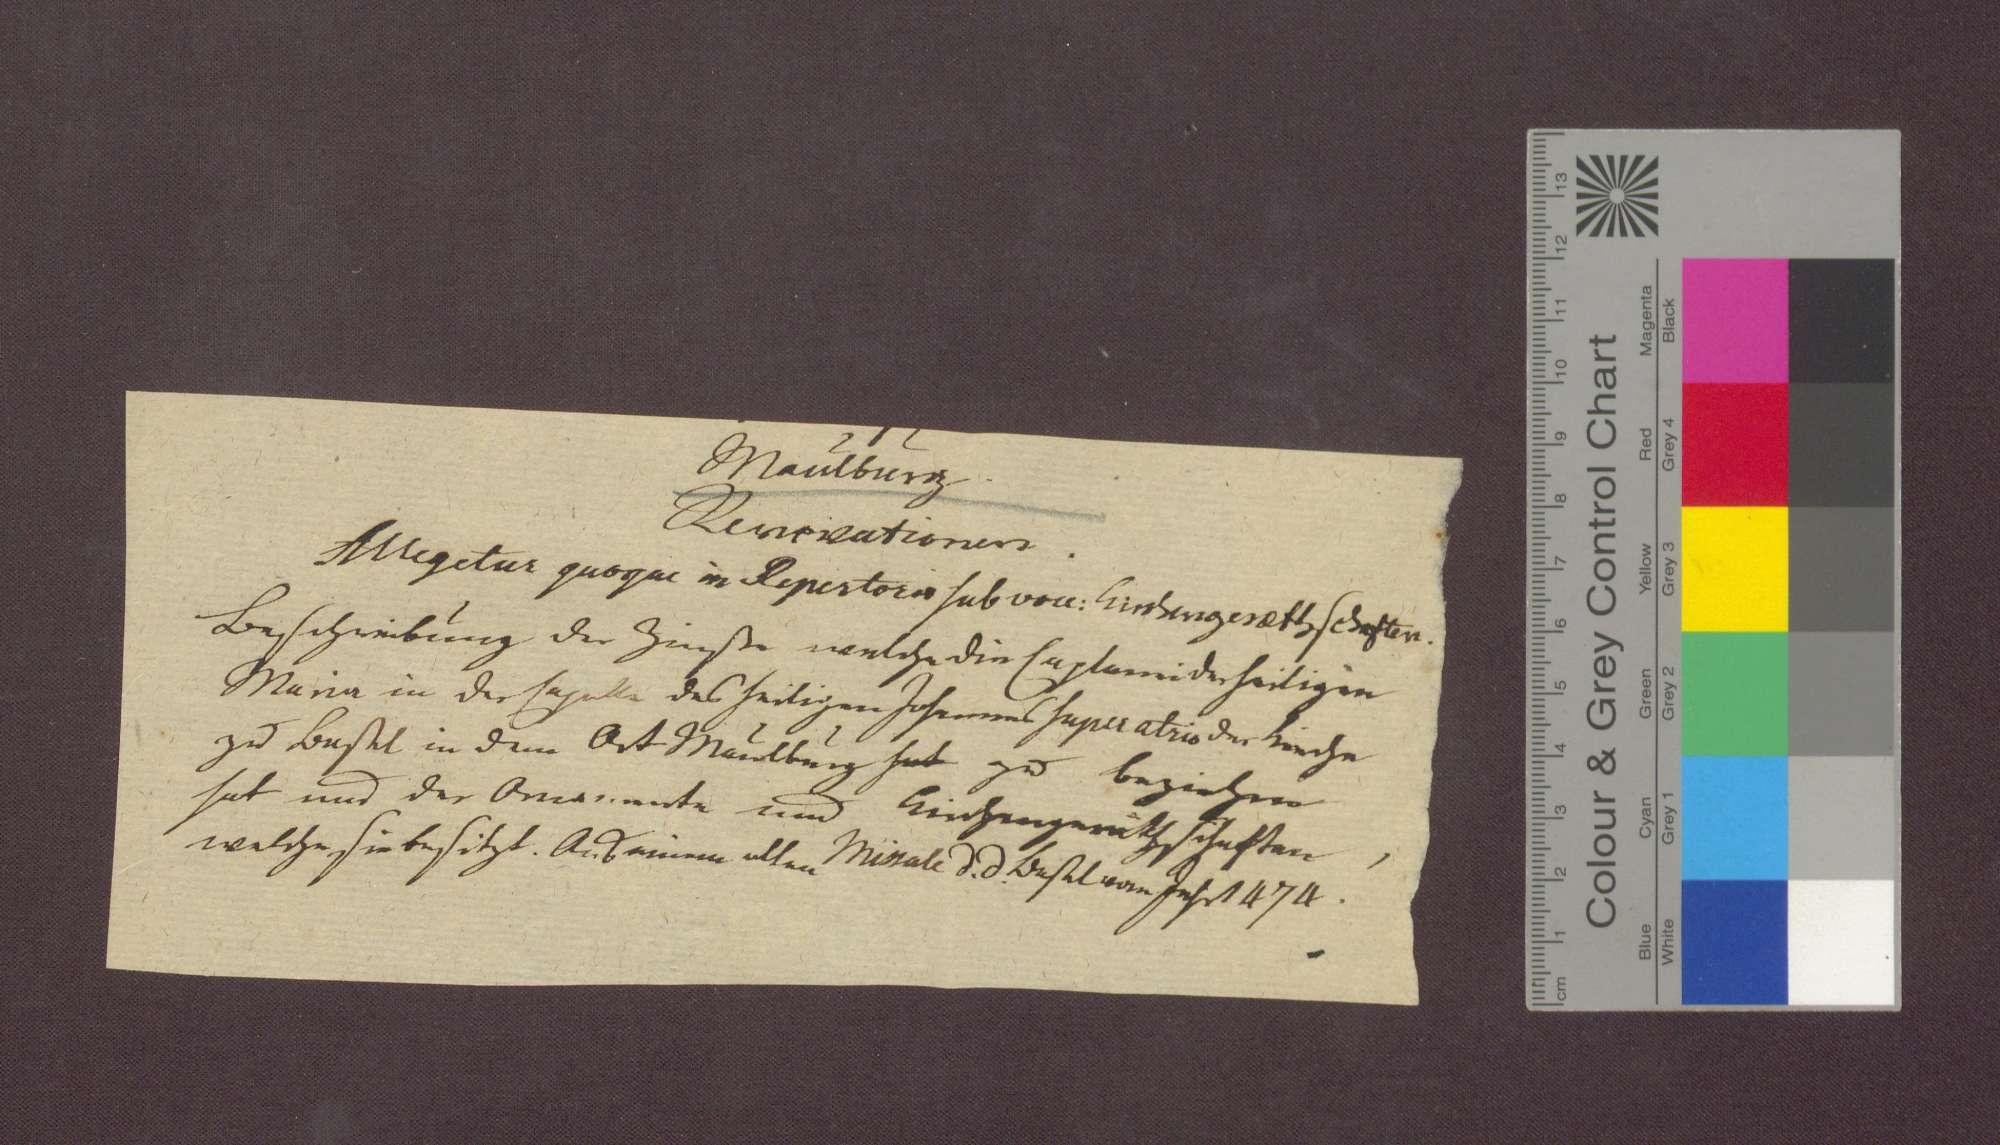 Beschreibung der Einkünfte der Marien-Kaplanei in der St. Johannes-Kapelle im Basler Münster zu Maulburg., Bild 1